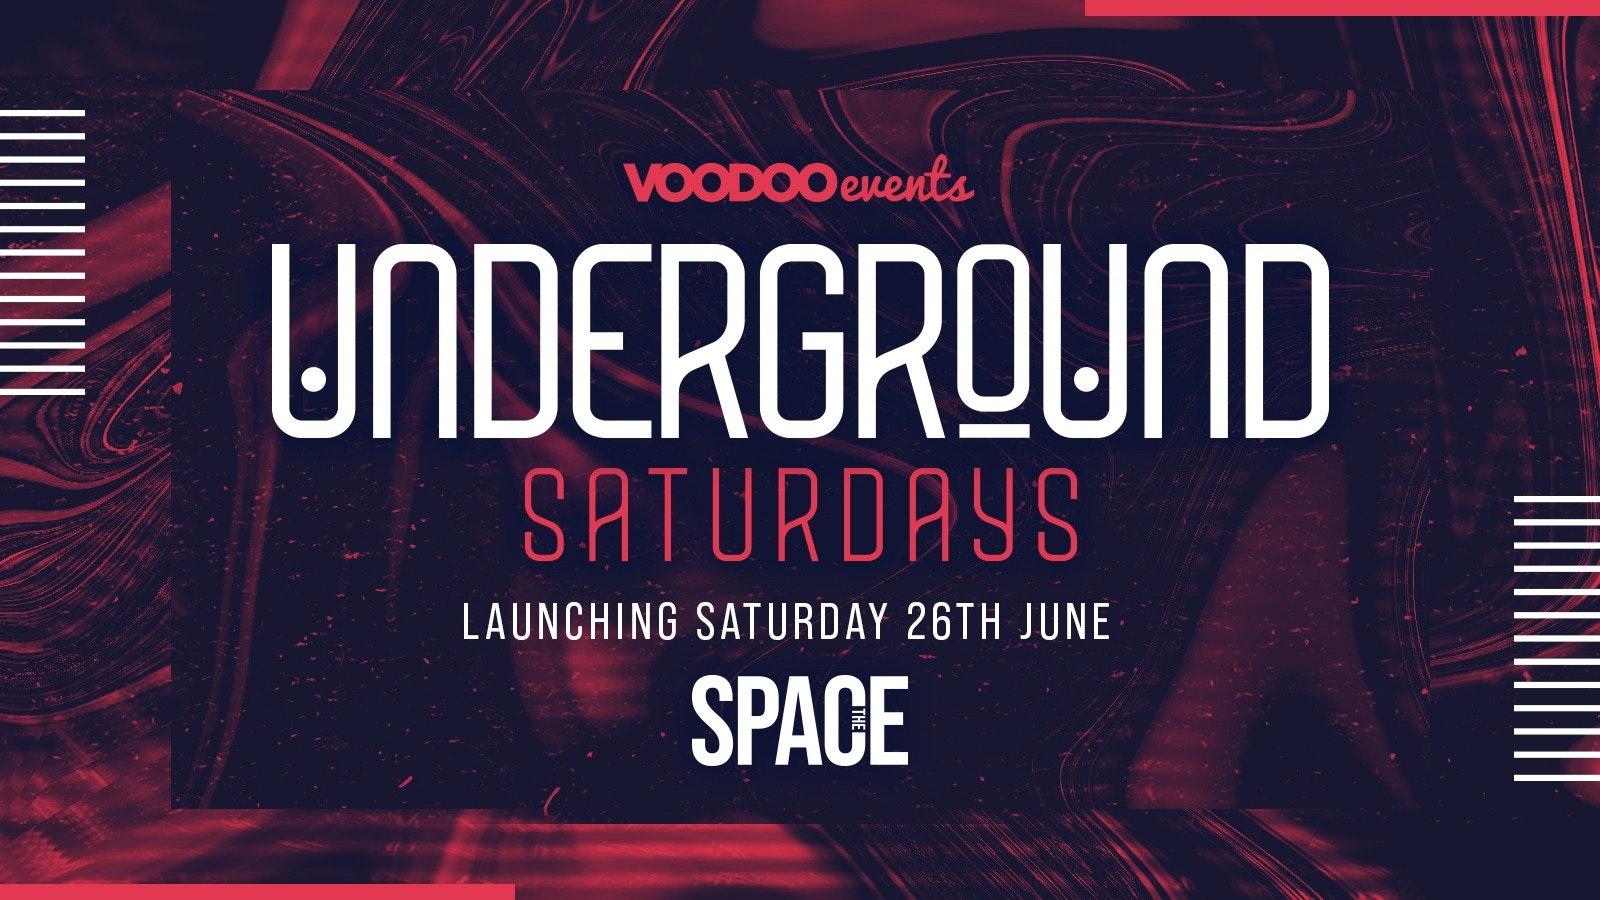 Underground Saturdays at Space – 21st August